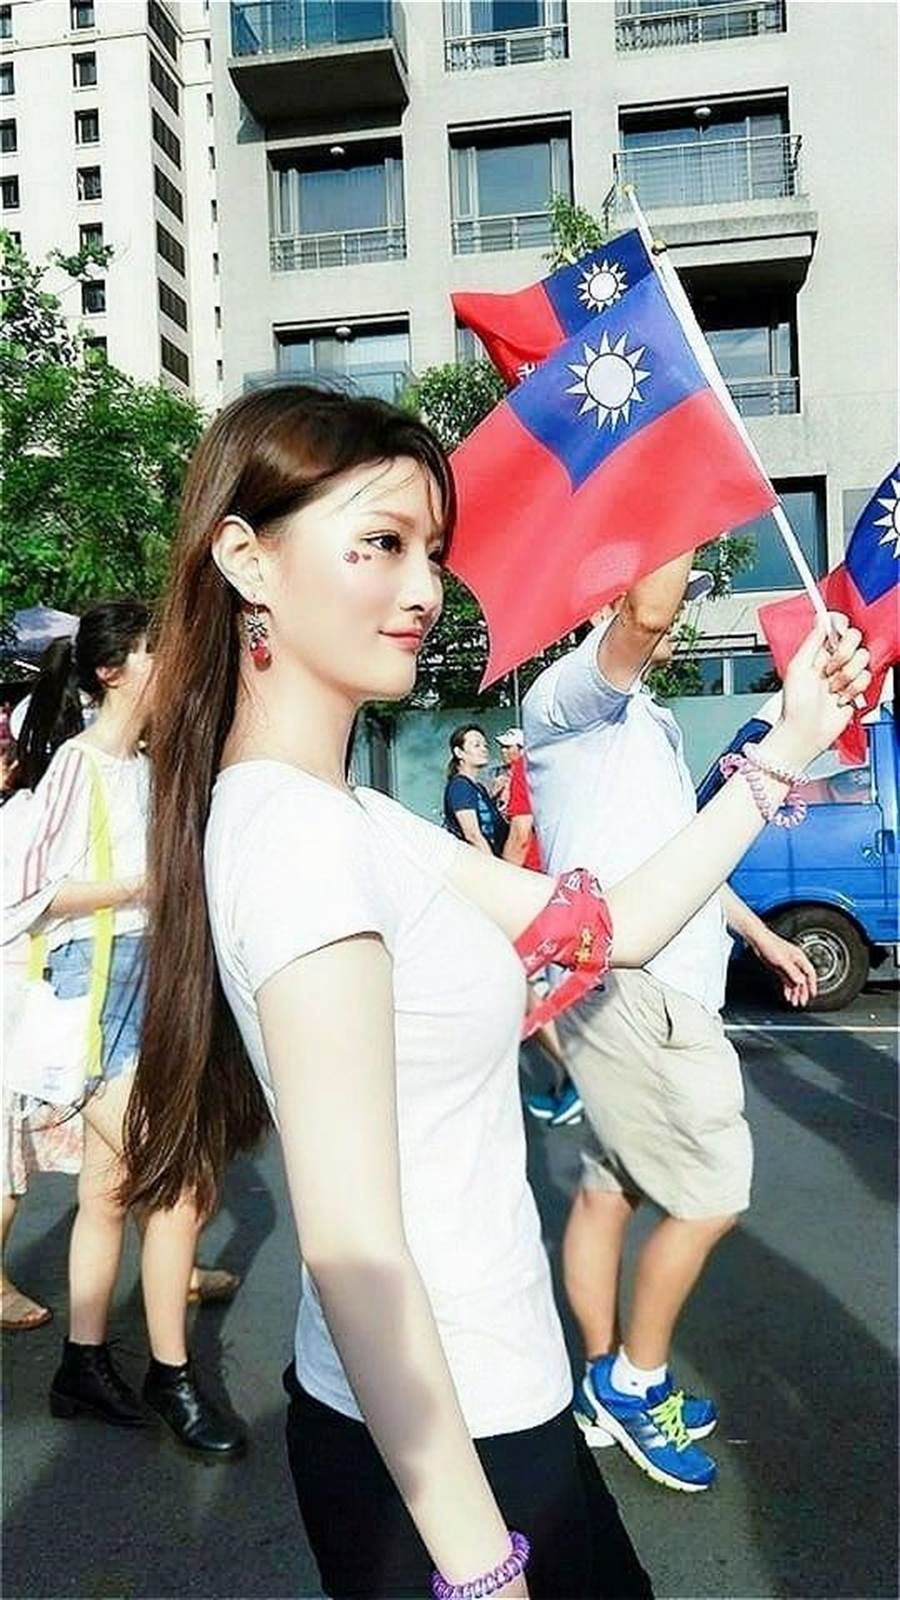 网友脸书发文附图。(图/翻摄自脸书「韩家军」)